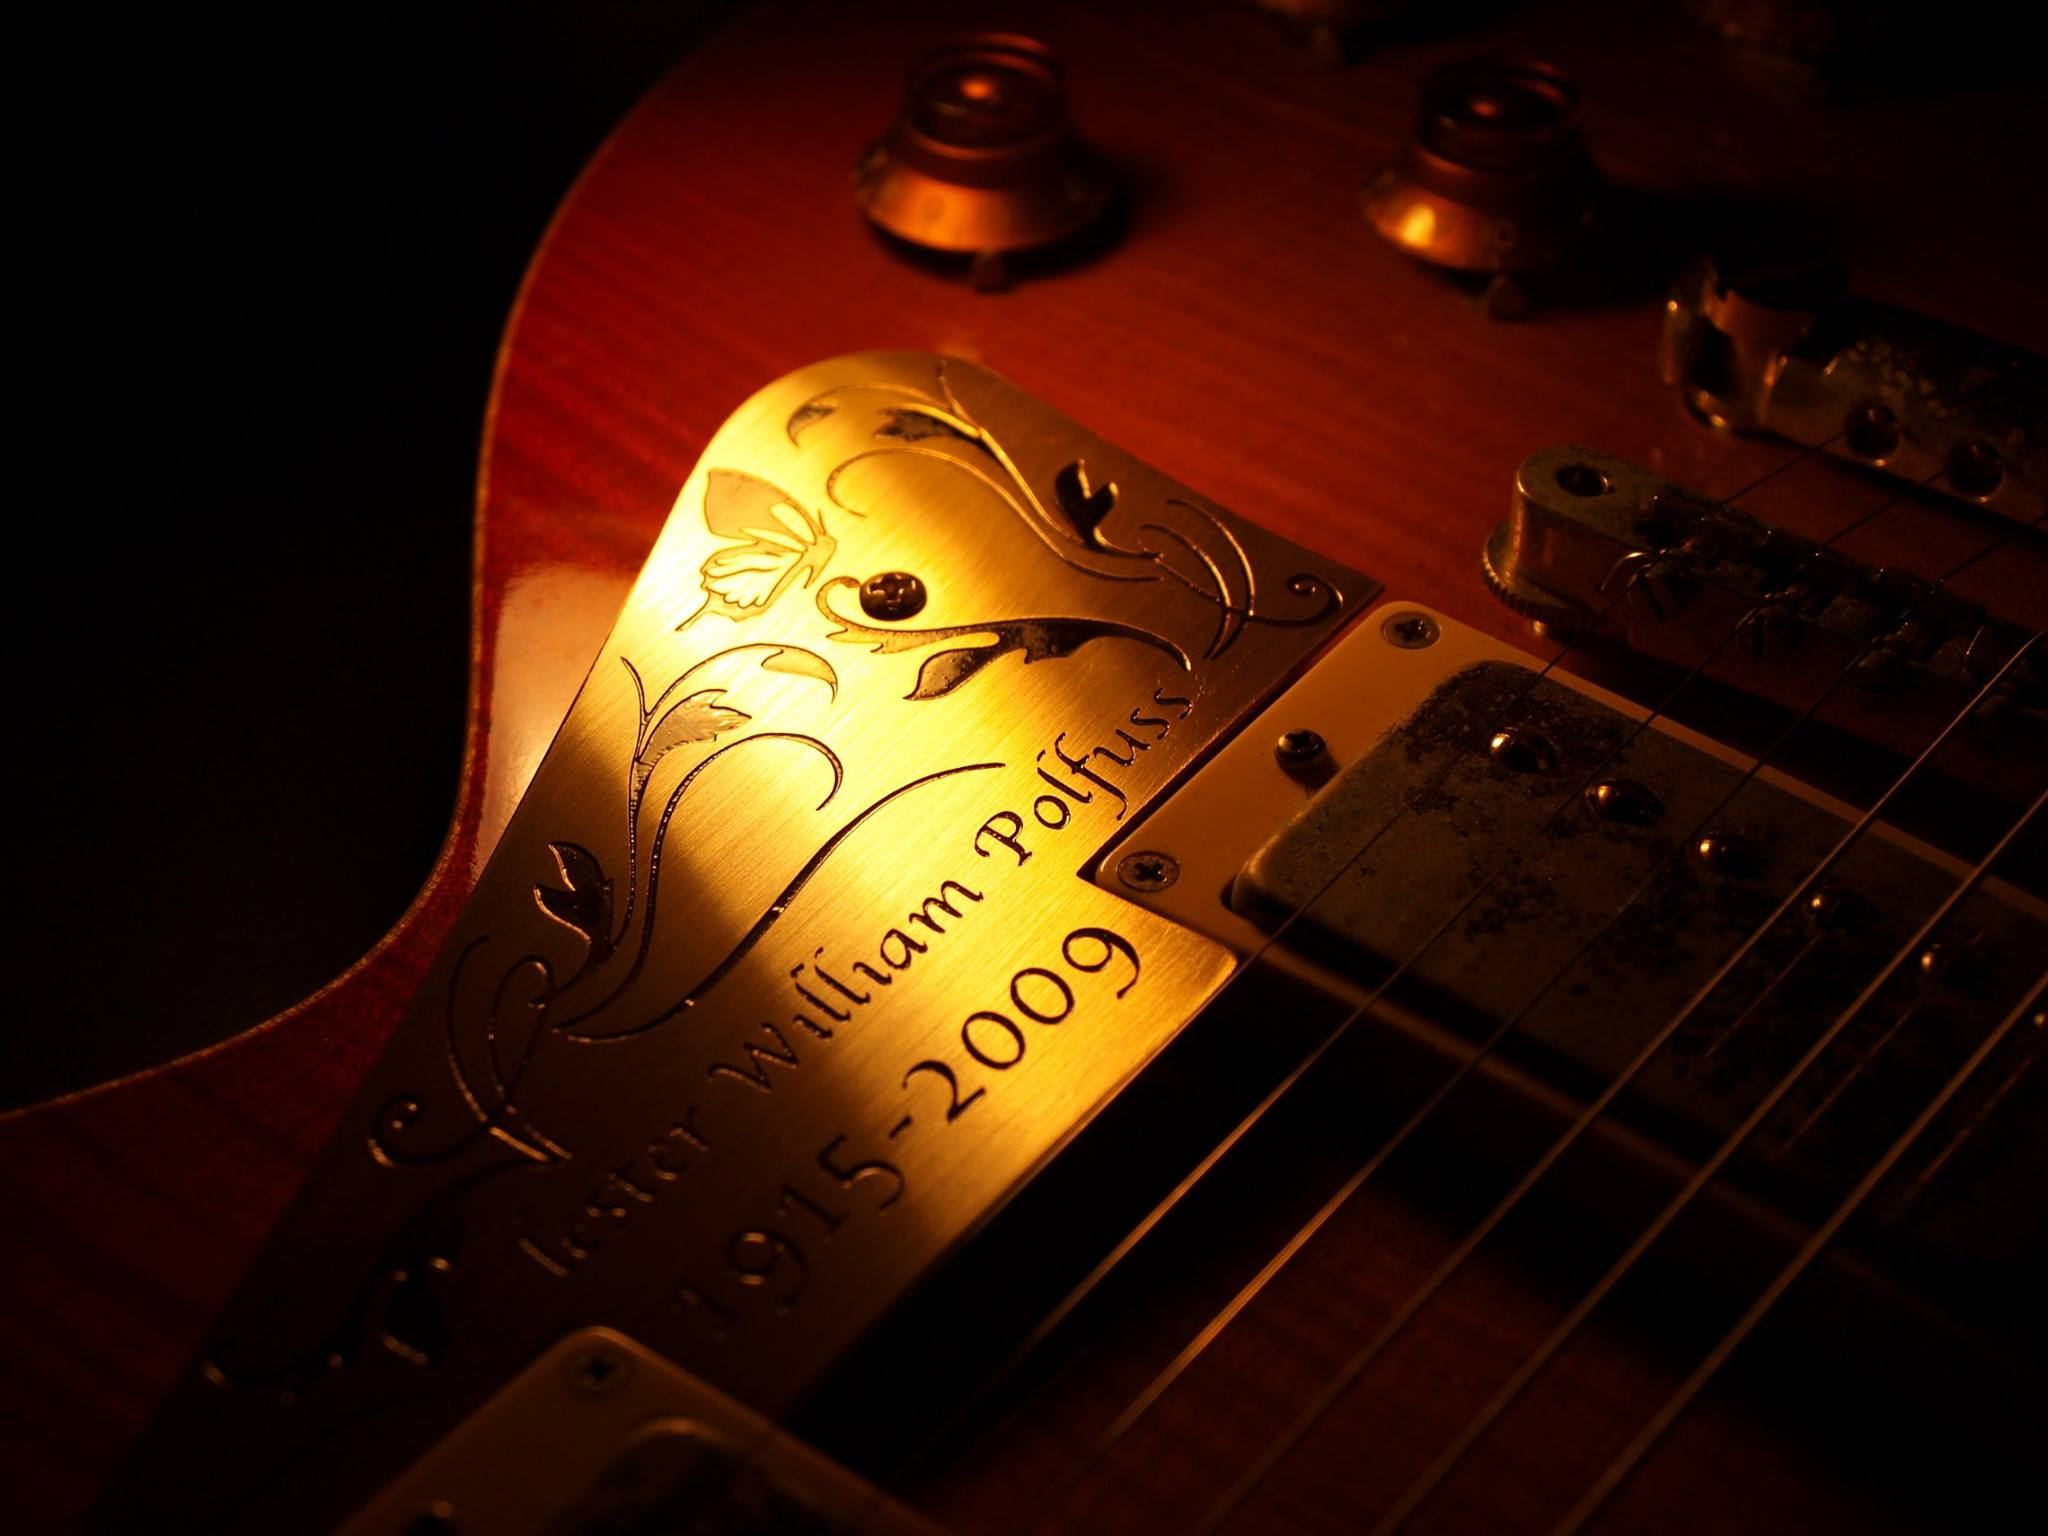 滋賀 イレブンギターズ リペア ピックガード製作 金属